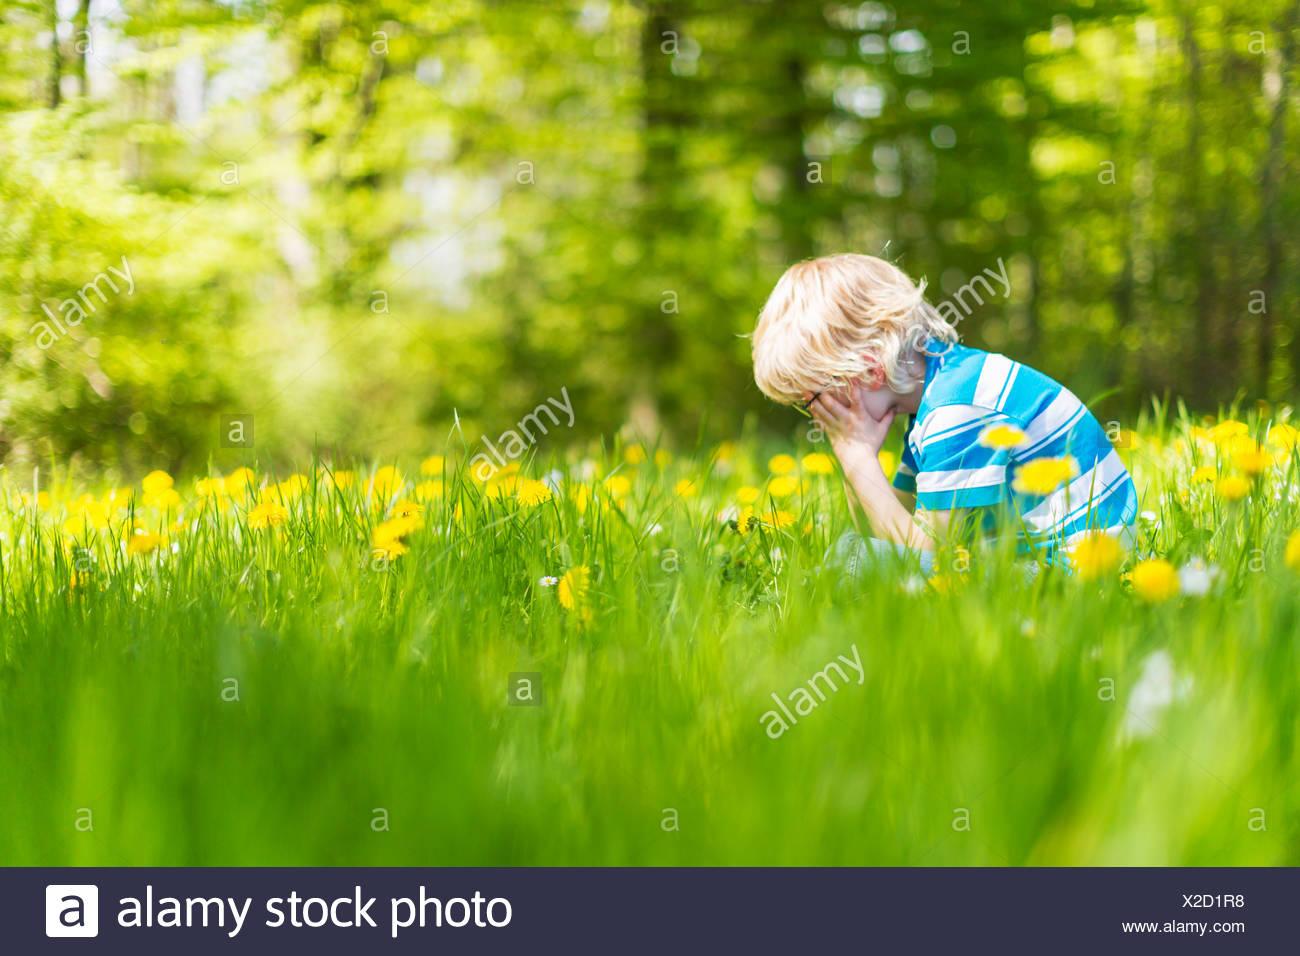 Muchacho sentado en el campo de hierba alta Imagen De Stock